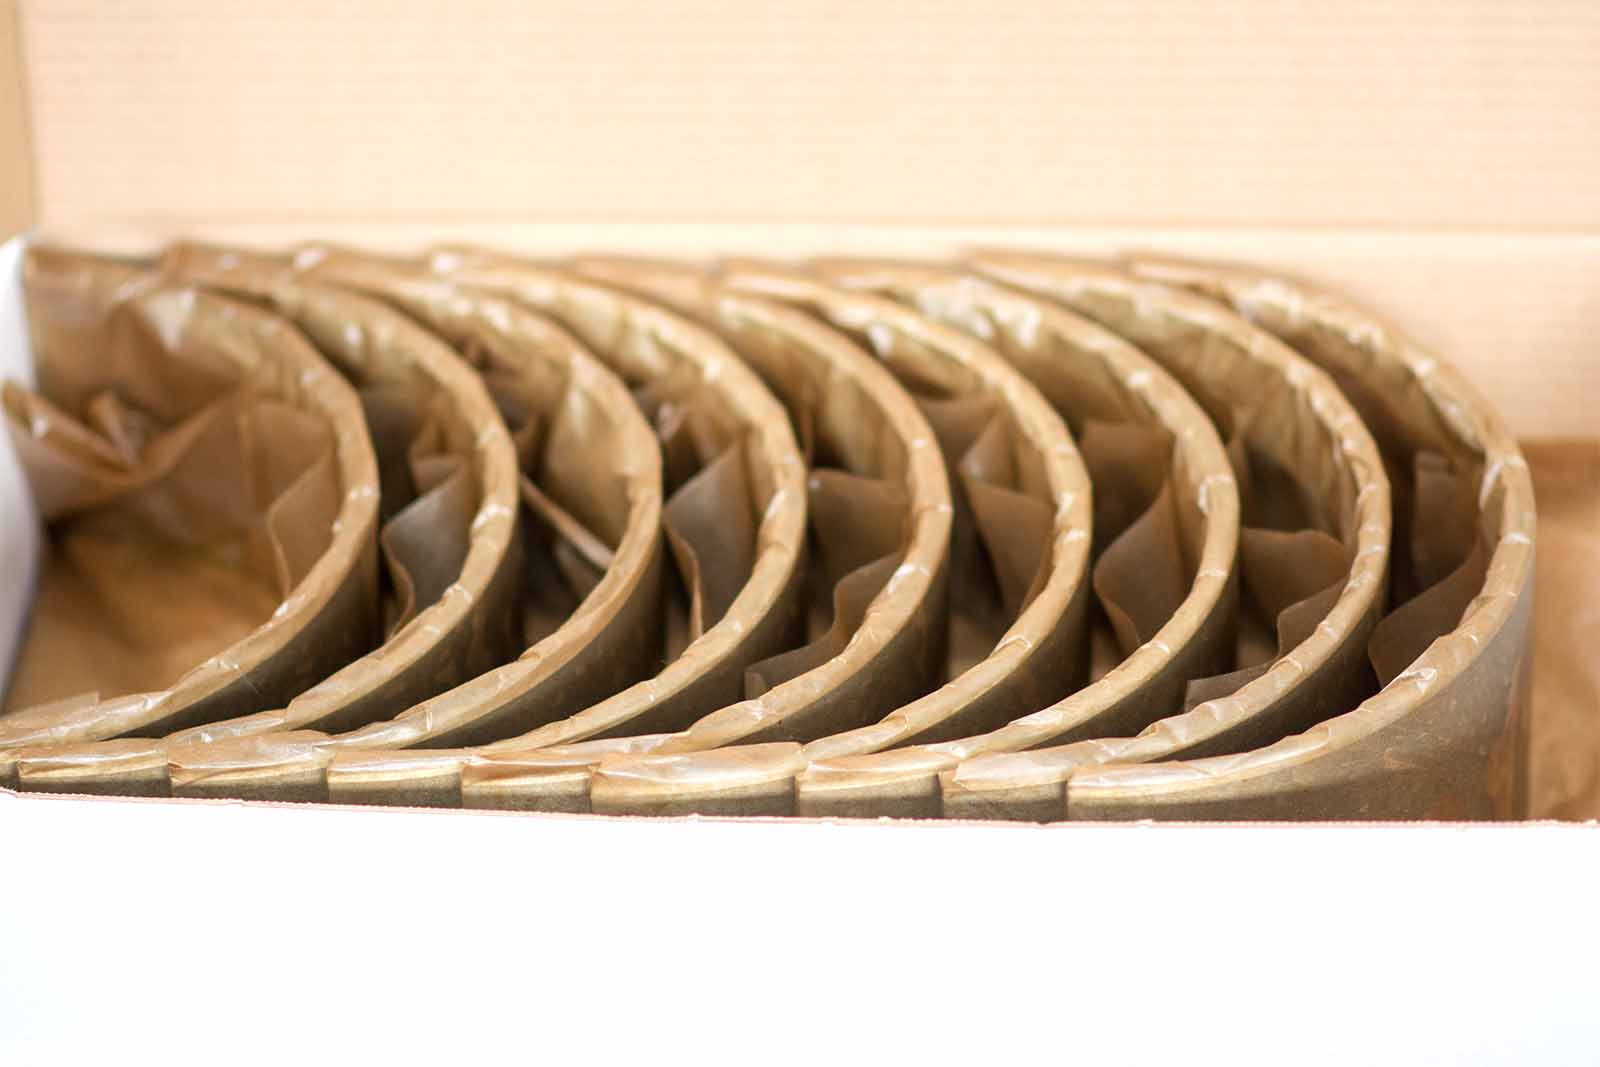 Упакованные вкладыши в парафинированной бумаге